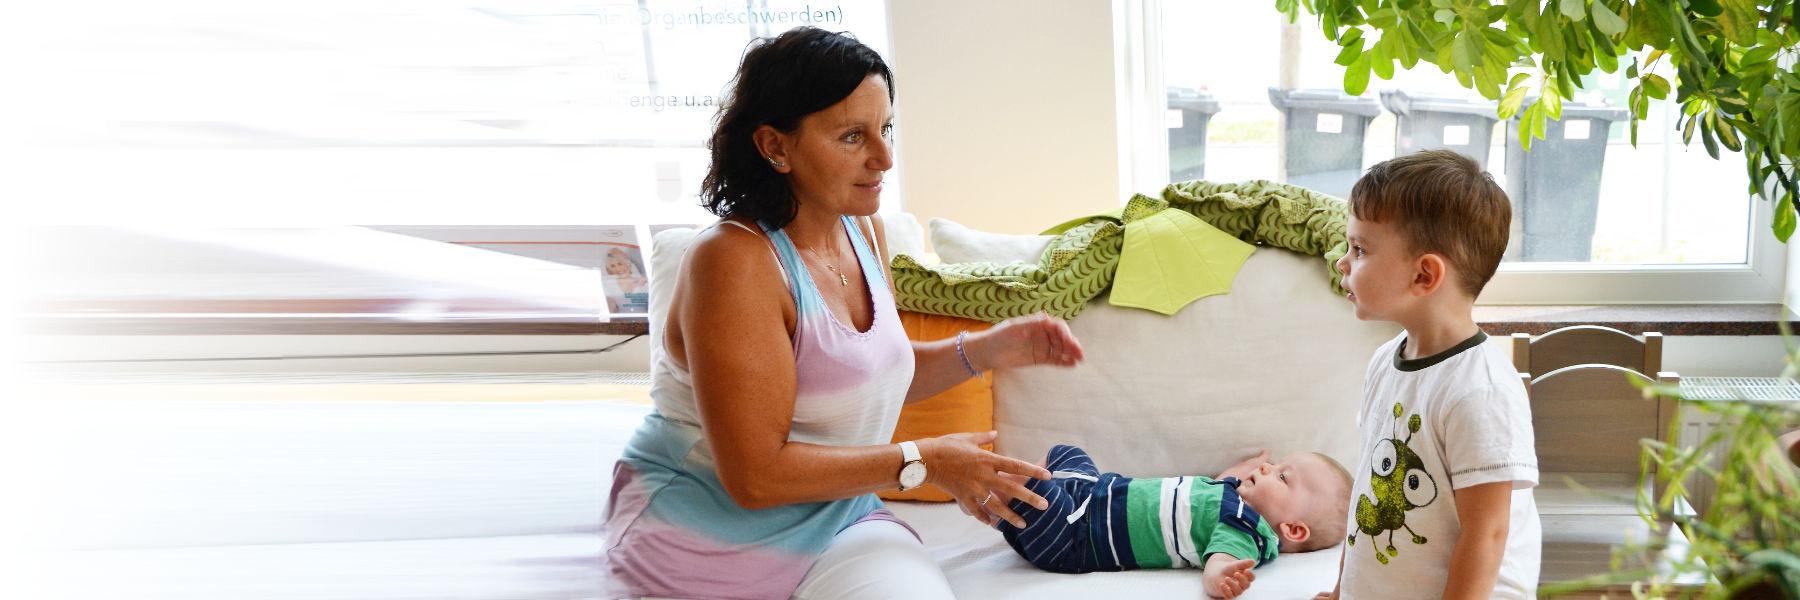 Kinderosteopathin bei der Behandlung